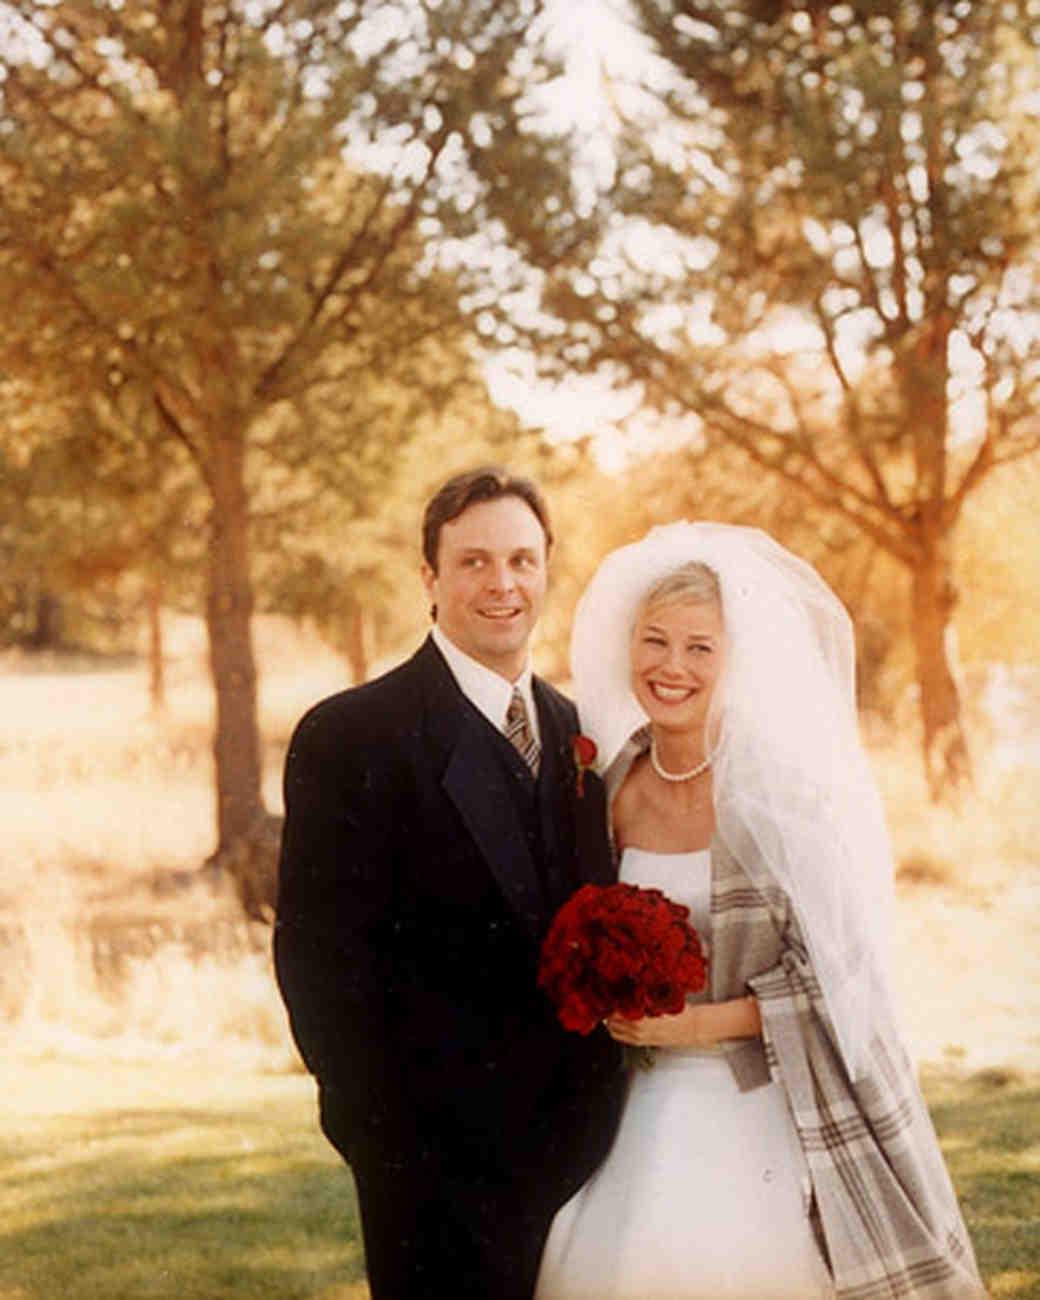 Fall Wedding Ideas: A Traditional Autumn-Themed Wedding In Oregon